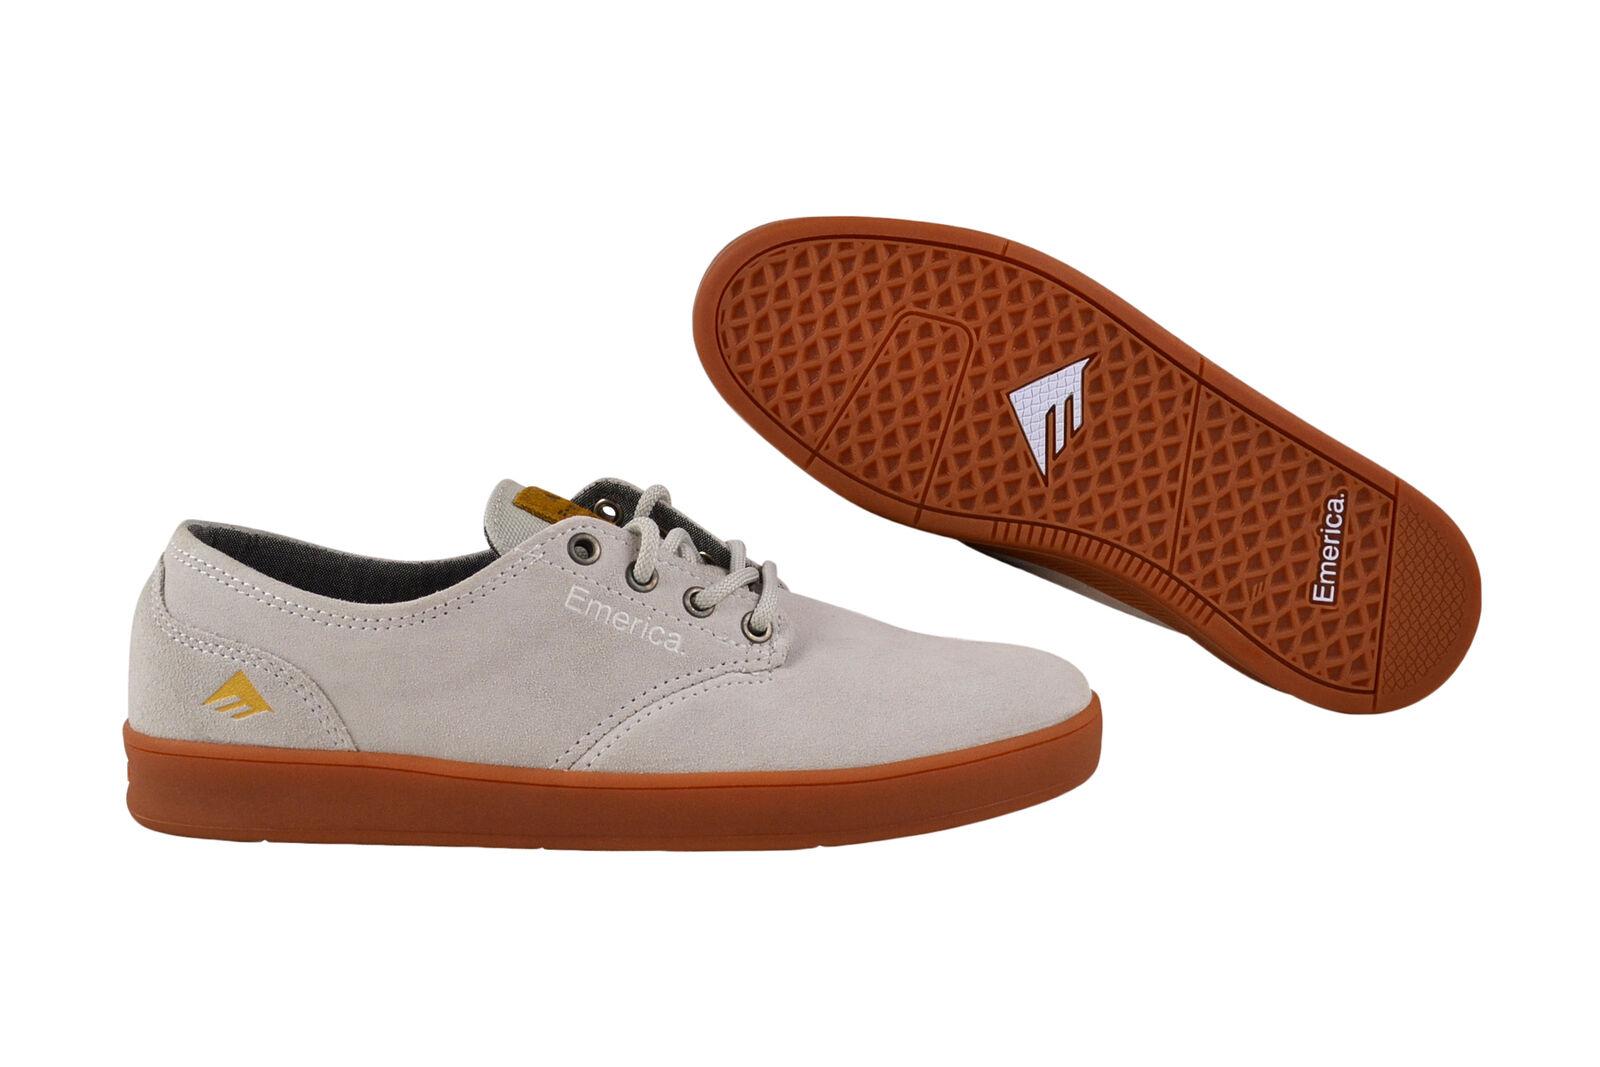 Emerica Emerica Emerica The Romero Laced Weiß/gum Skater Turnschuhe Schuhe weiß da7eb1